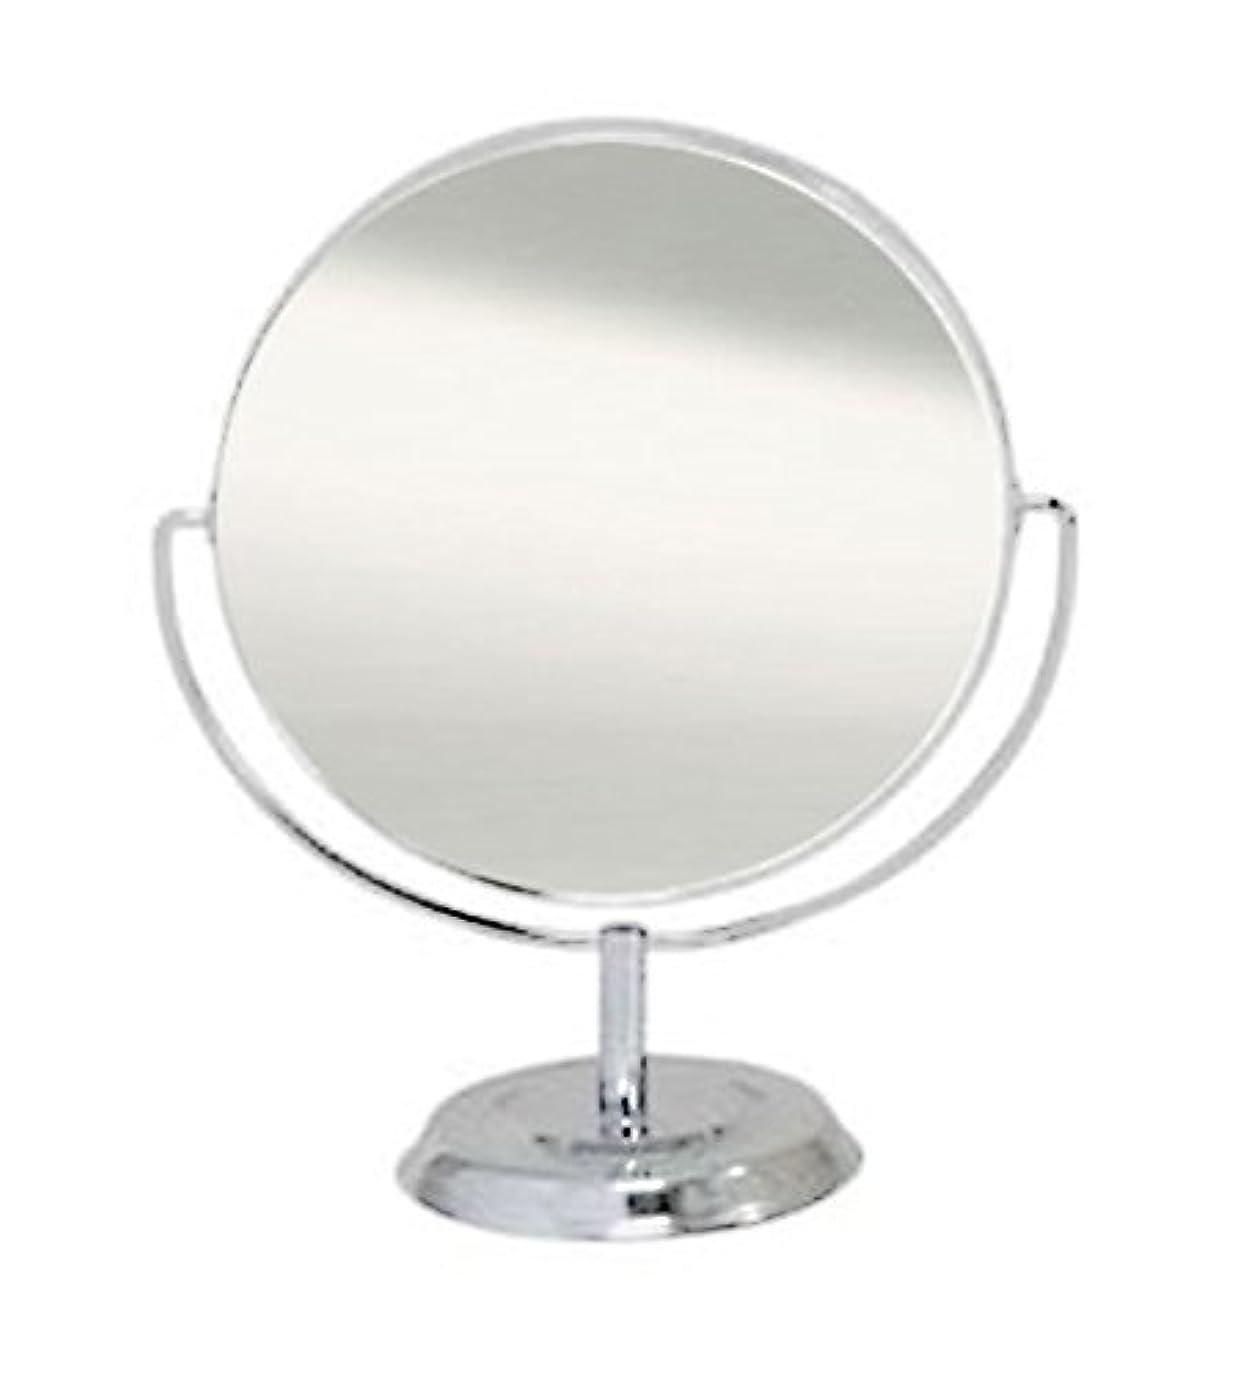 差し控える居住者一掃する鏡 卓上ミラー 丸型 両面 拡大鏡約2倍付 No.5860 シルバー